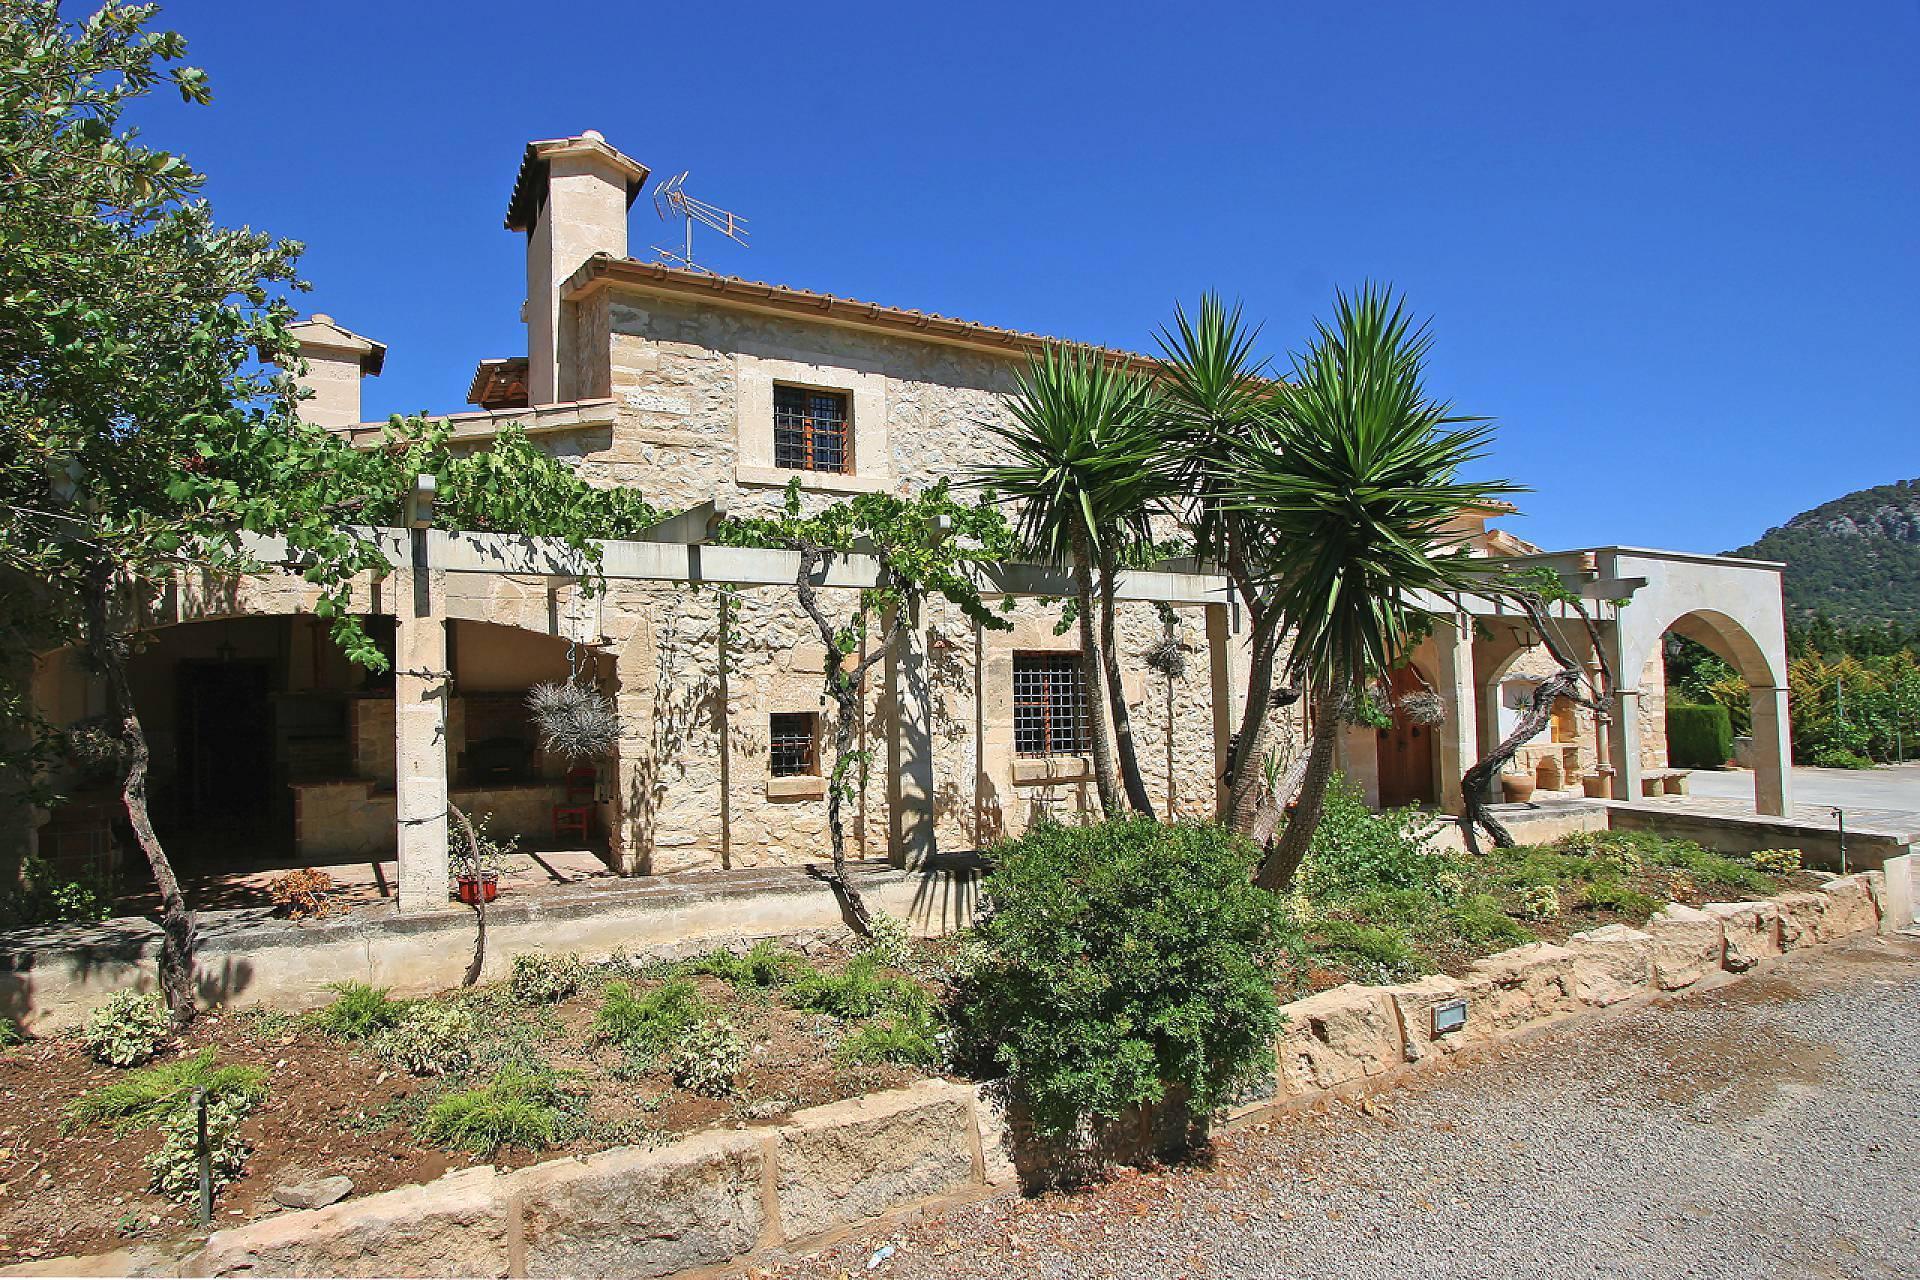 01-148 old farmhouse Mallorca north Bild 7